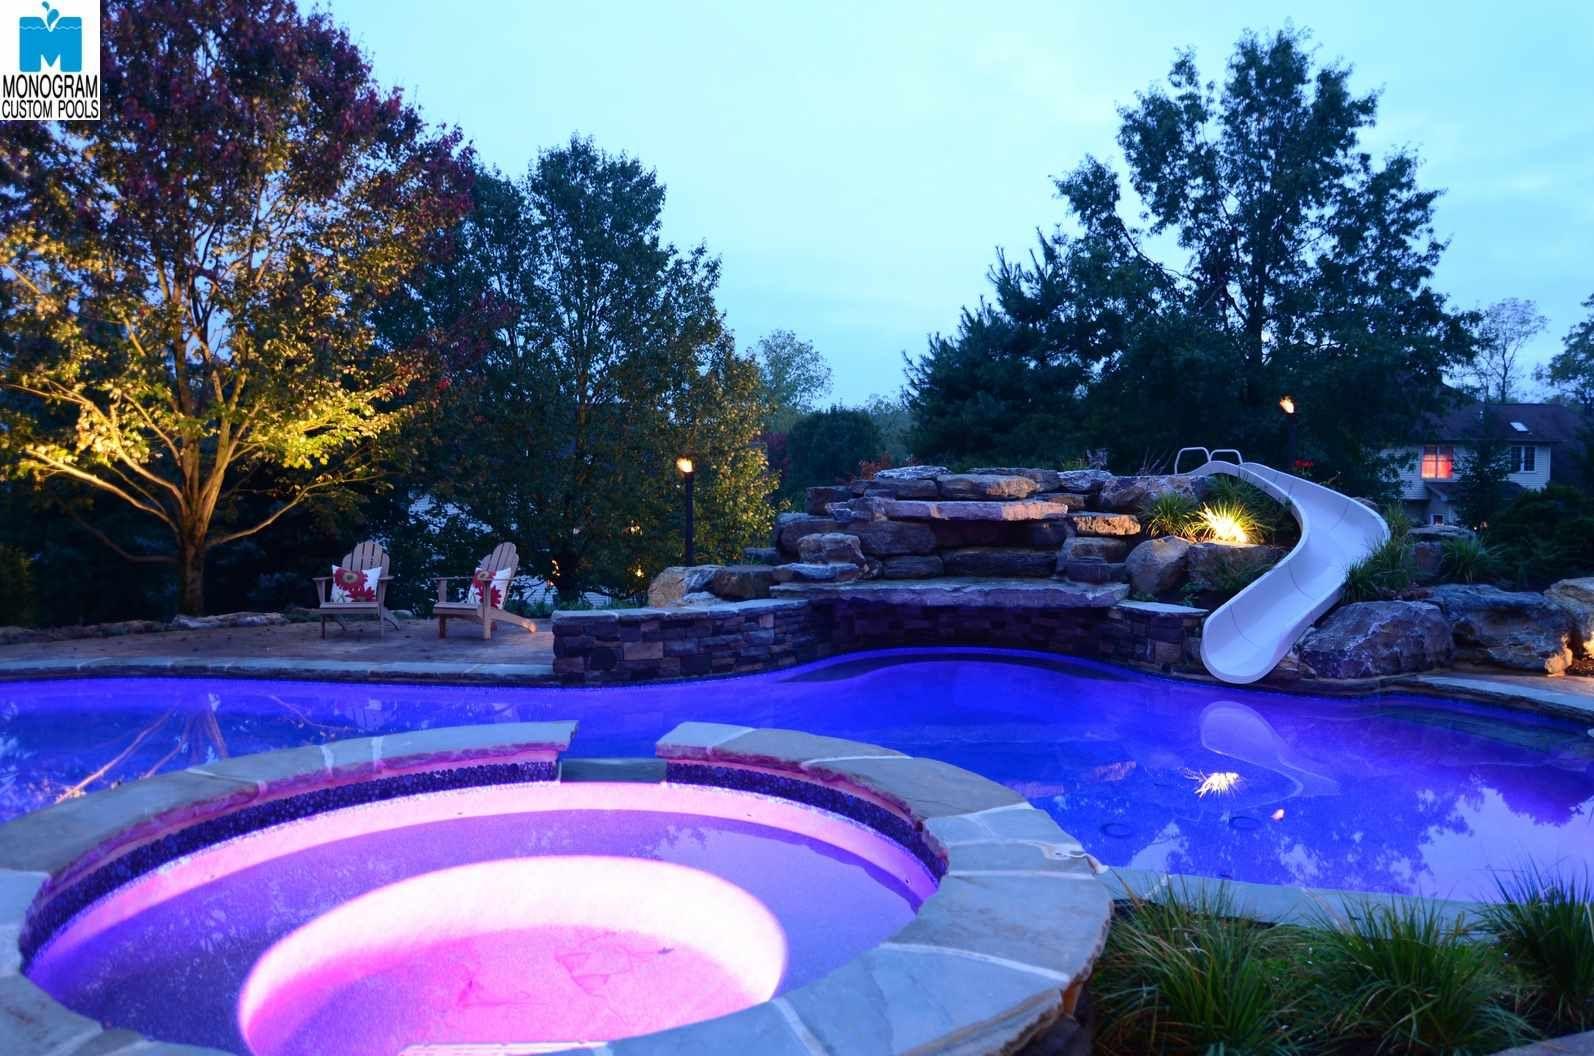 Custom Pool Ideas custom pools for 70000 to 100000 anthony sylvan pools Lights Illuminate A Custom Pool By Monogram Custom Pools